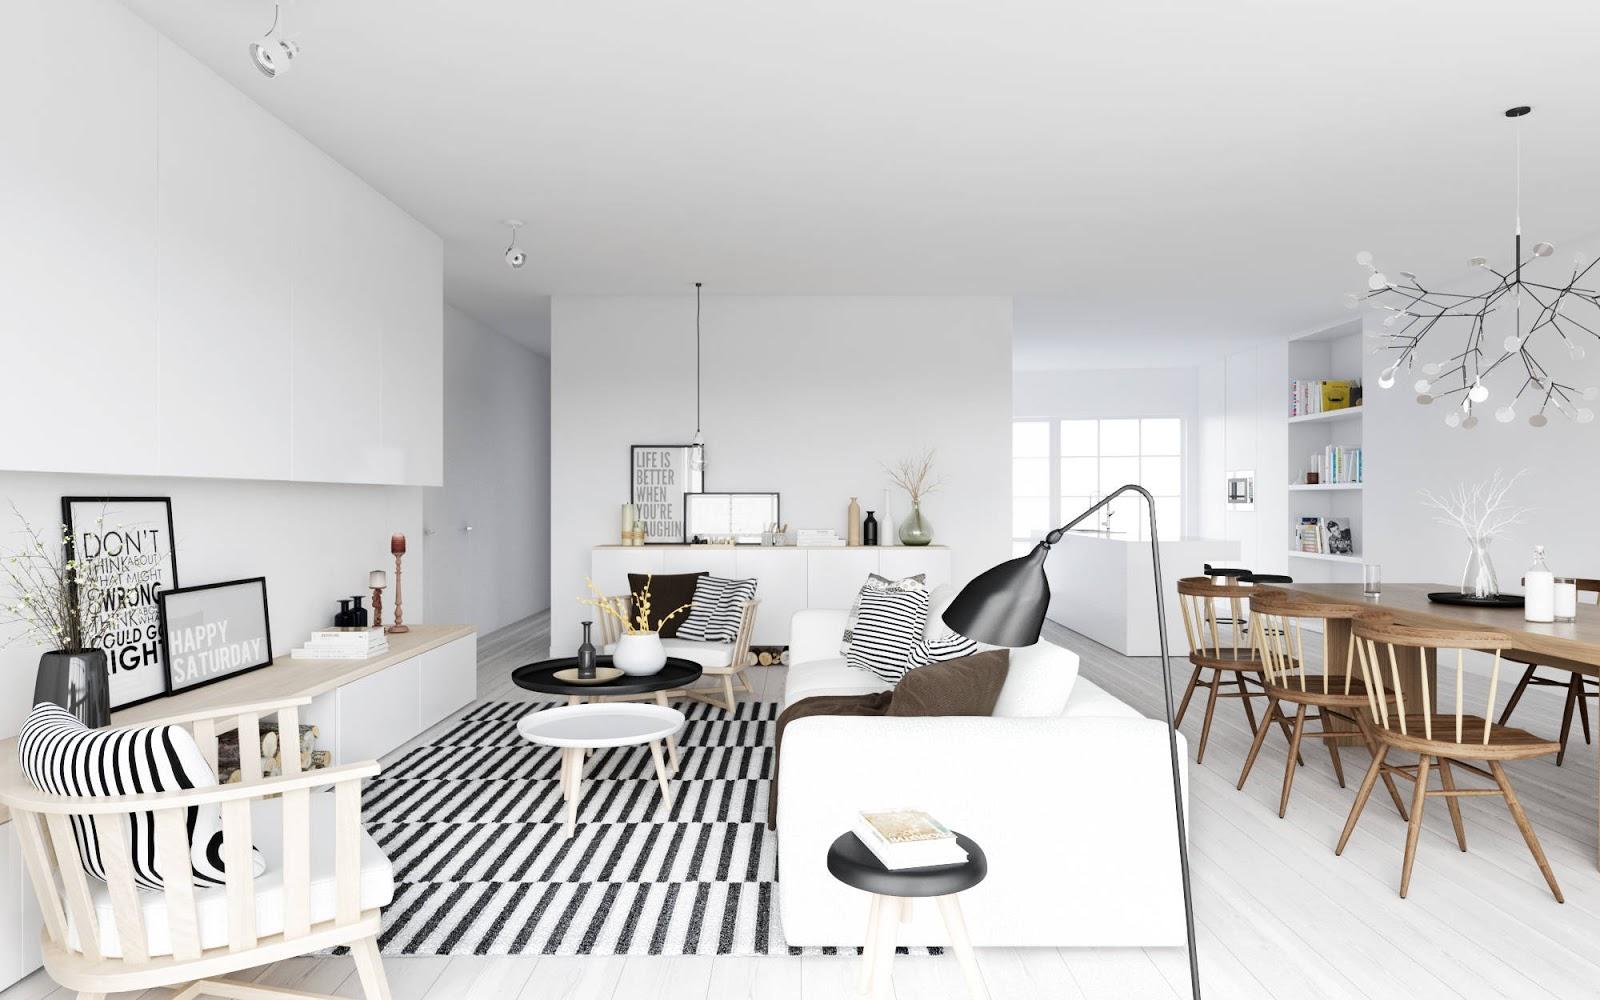 Adc l 39 atelier d 39 c t am nagement int rieur design d 39 espace e - Maison style scandinave ...